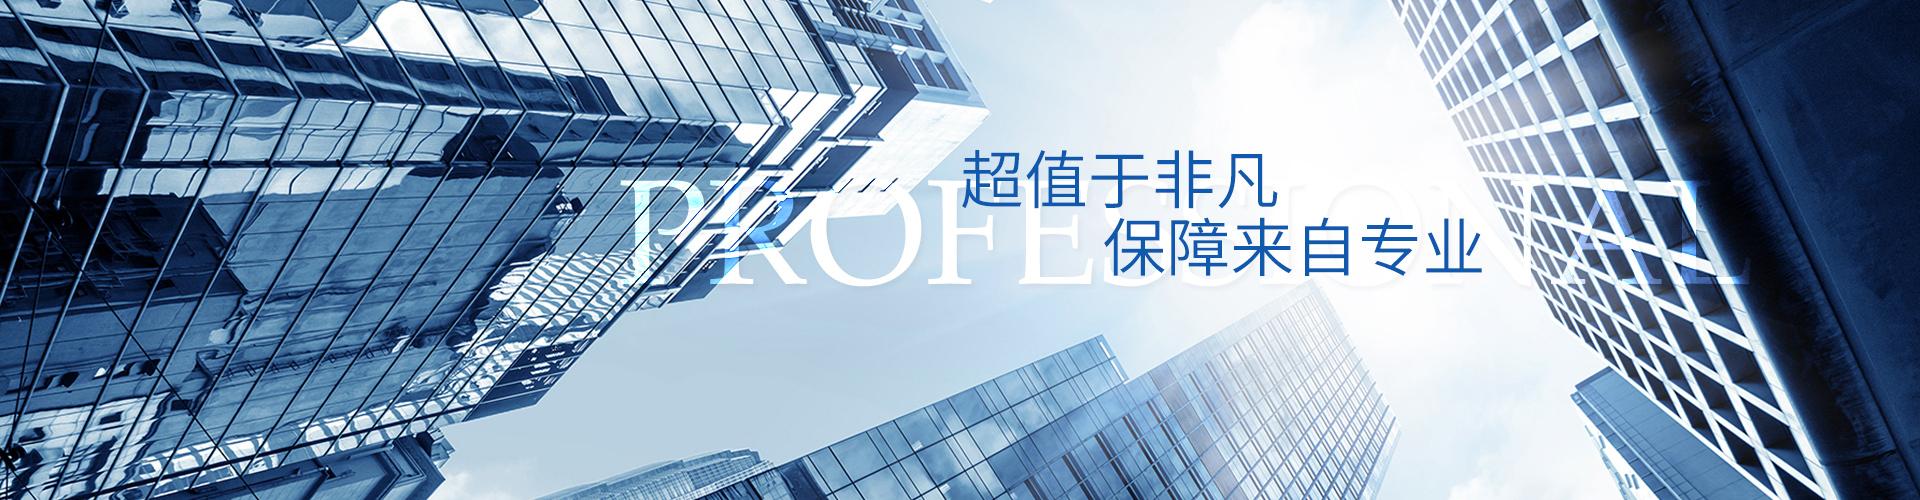 江苏金永利空调制造有限公司